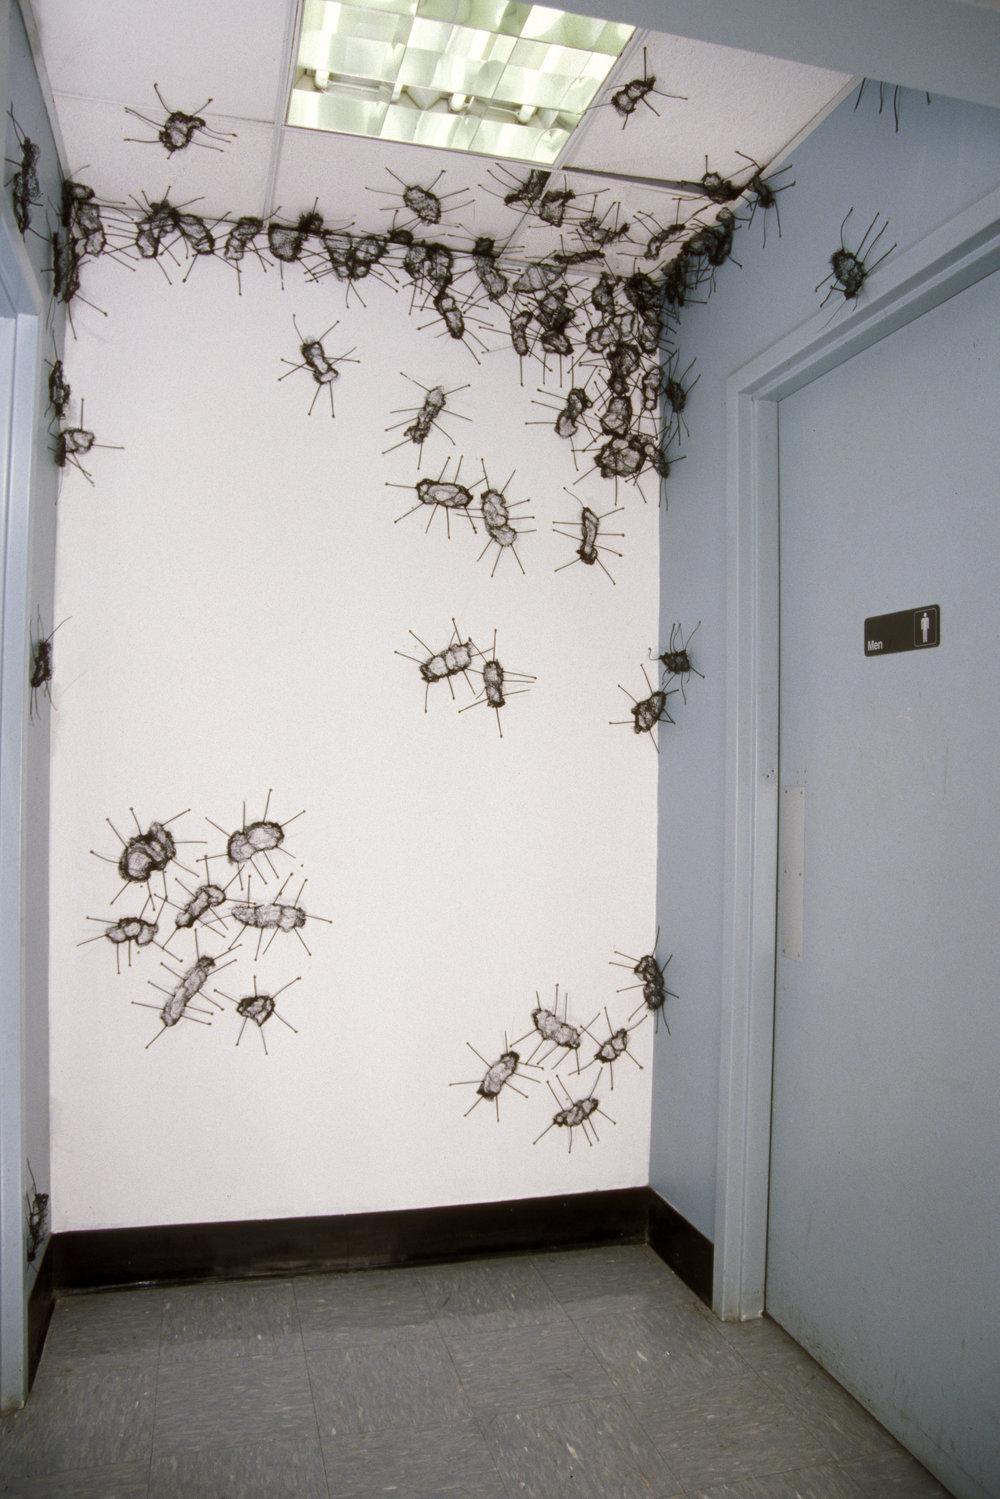 Bugs   plastic  2006